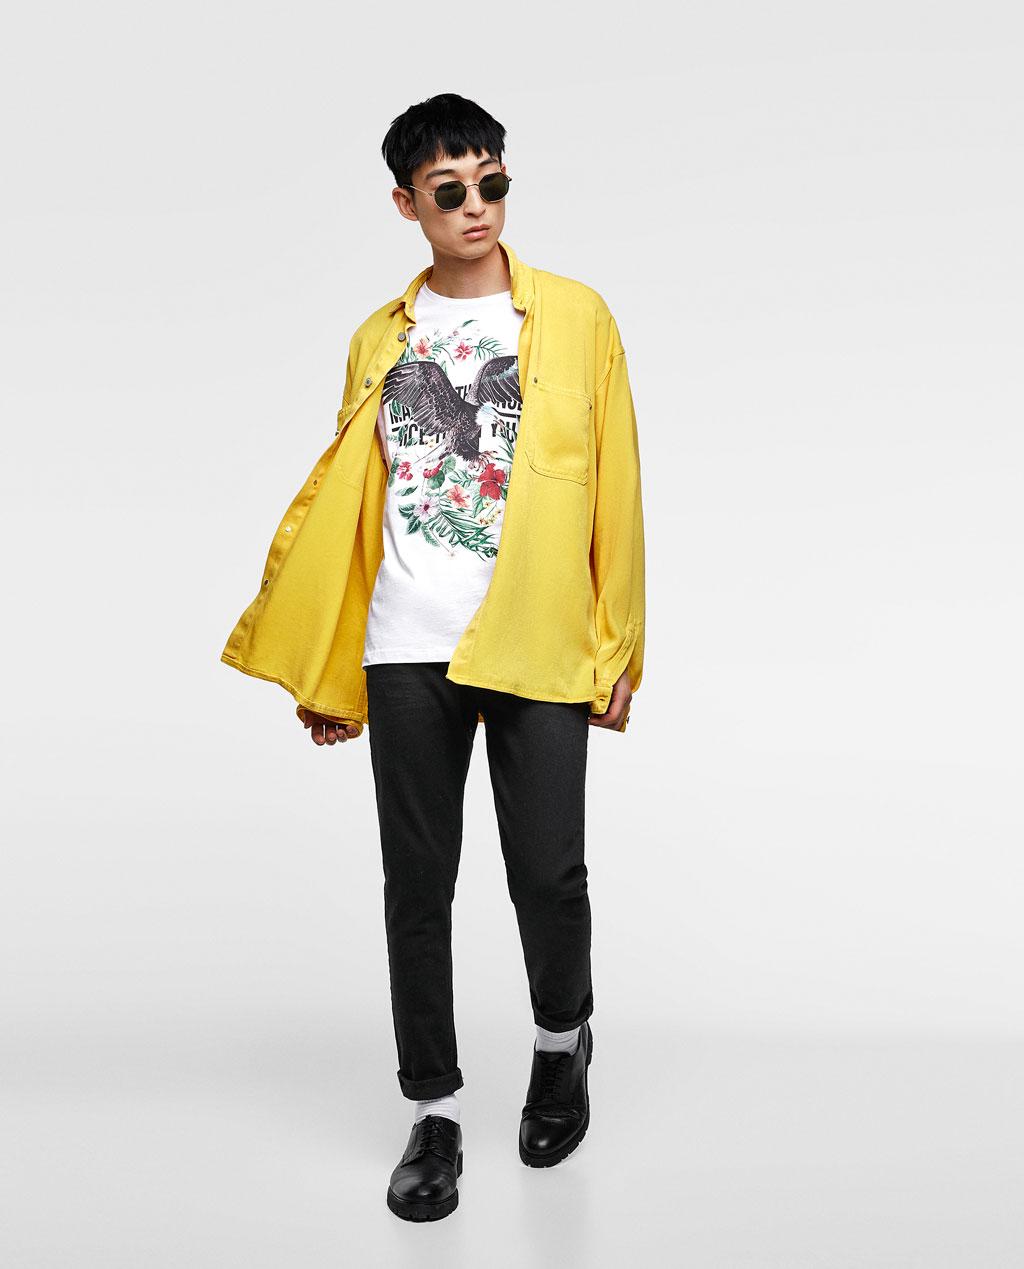 Thời trang nam Zara  24048 - ảnh 3